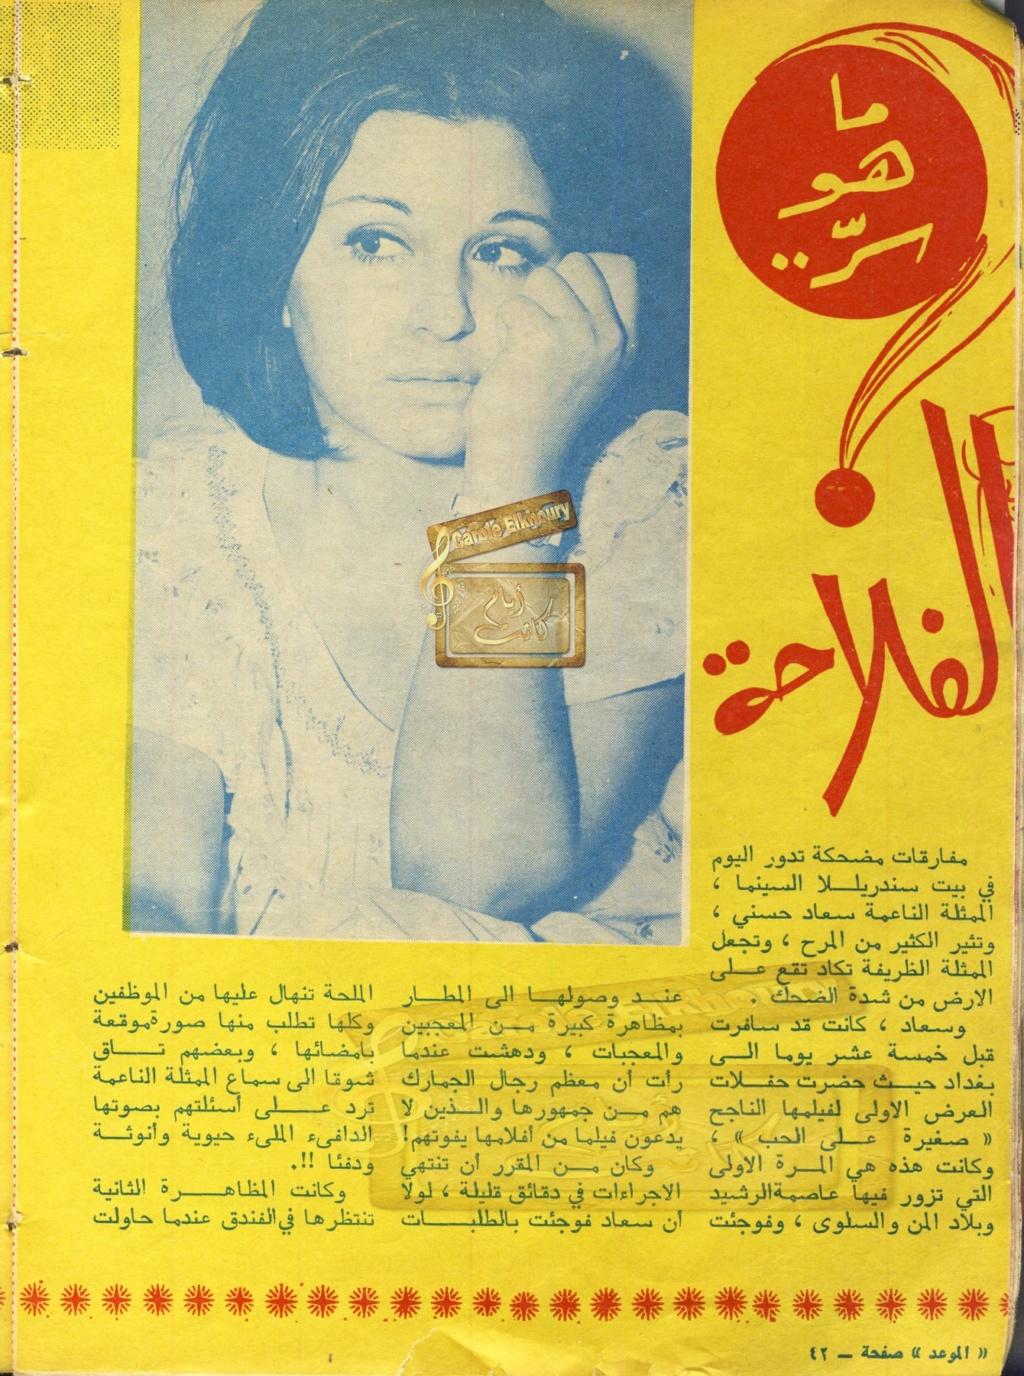 مقال صحفي : ماهو سر .. الفلاحة التي احتلت بيت سعاد حسني ؟ 1966 م 152